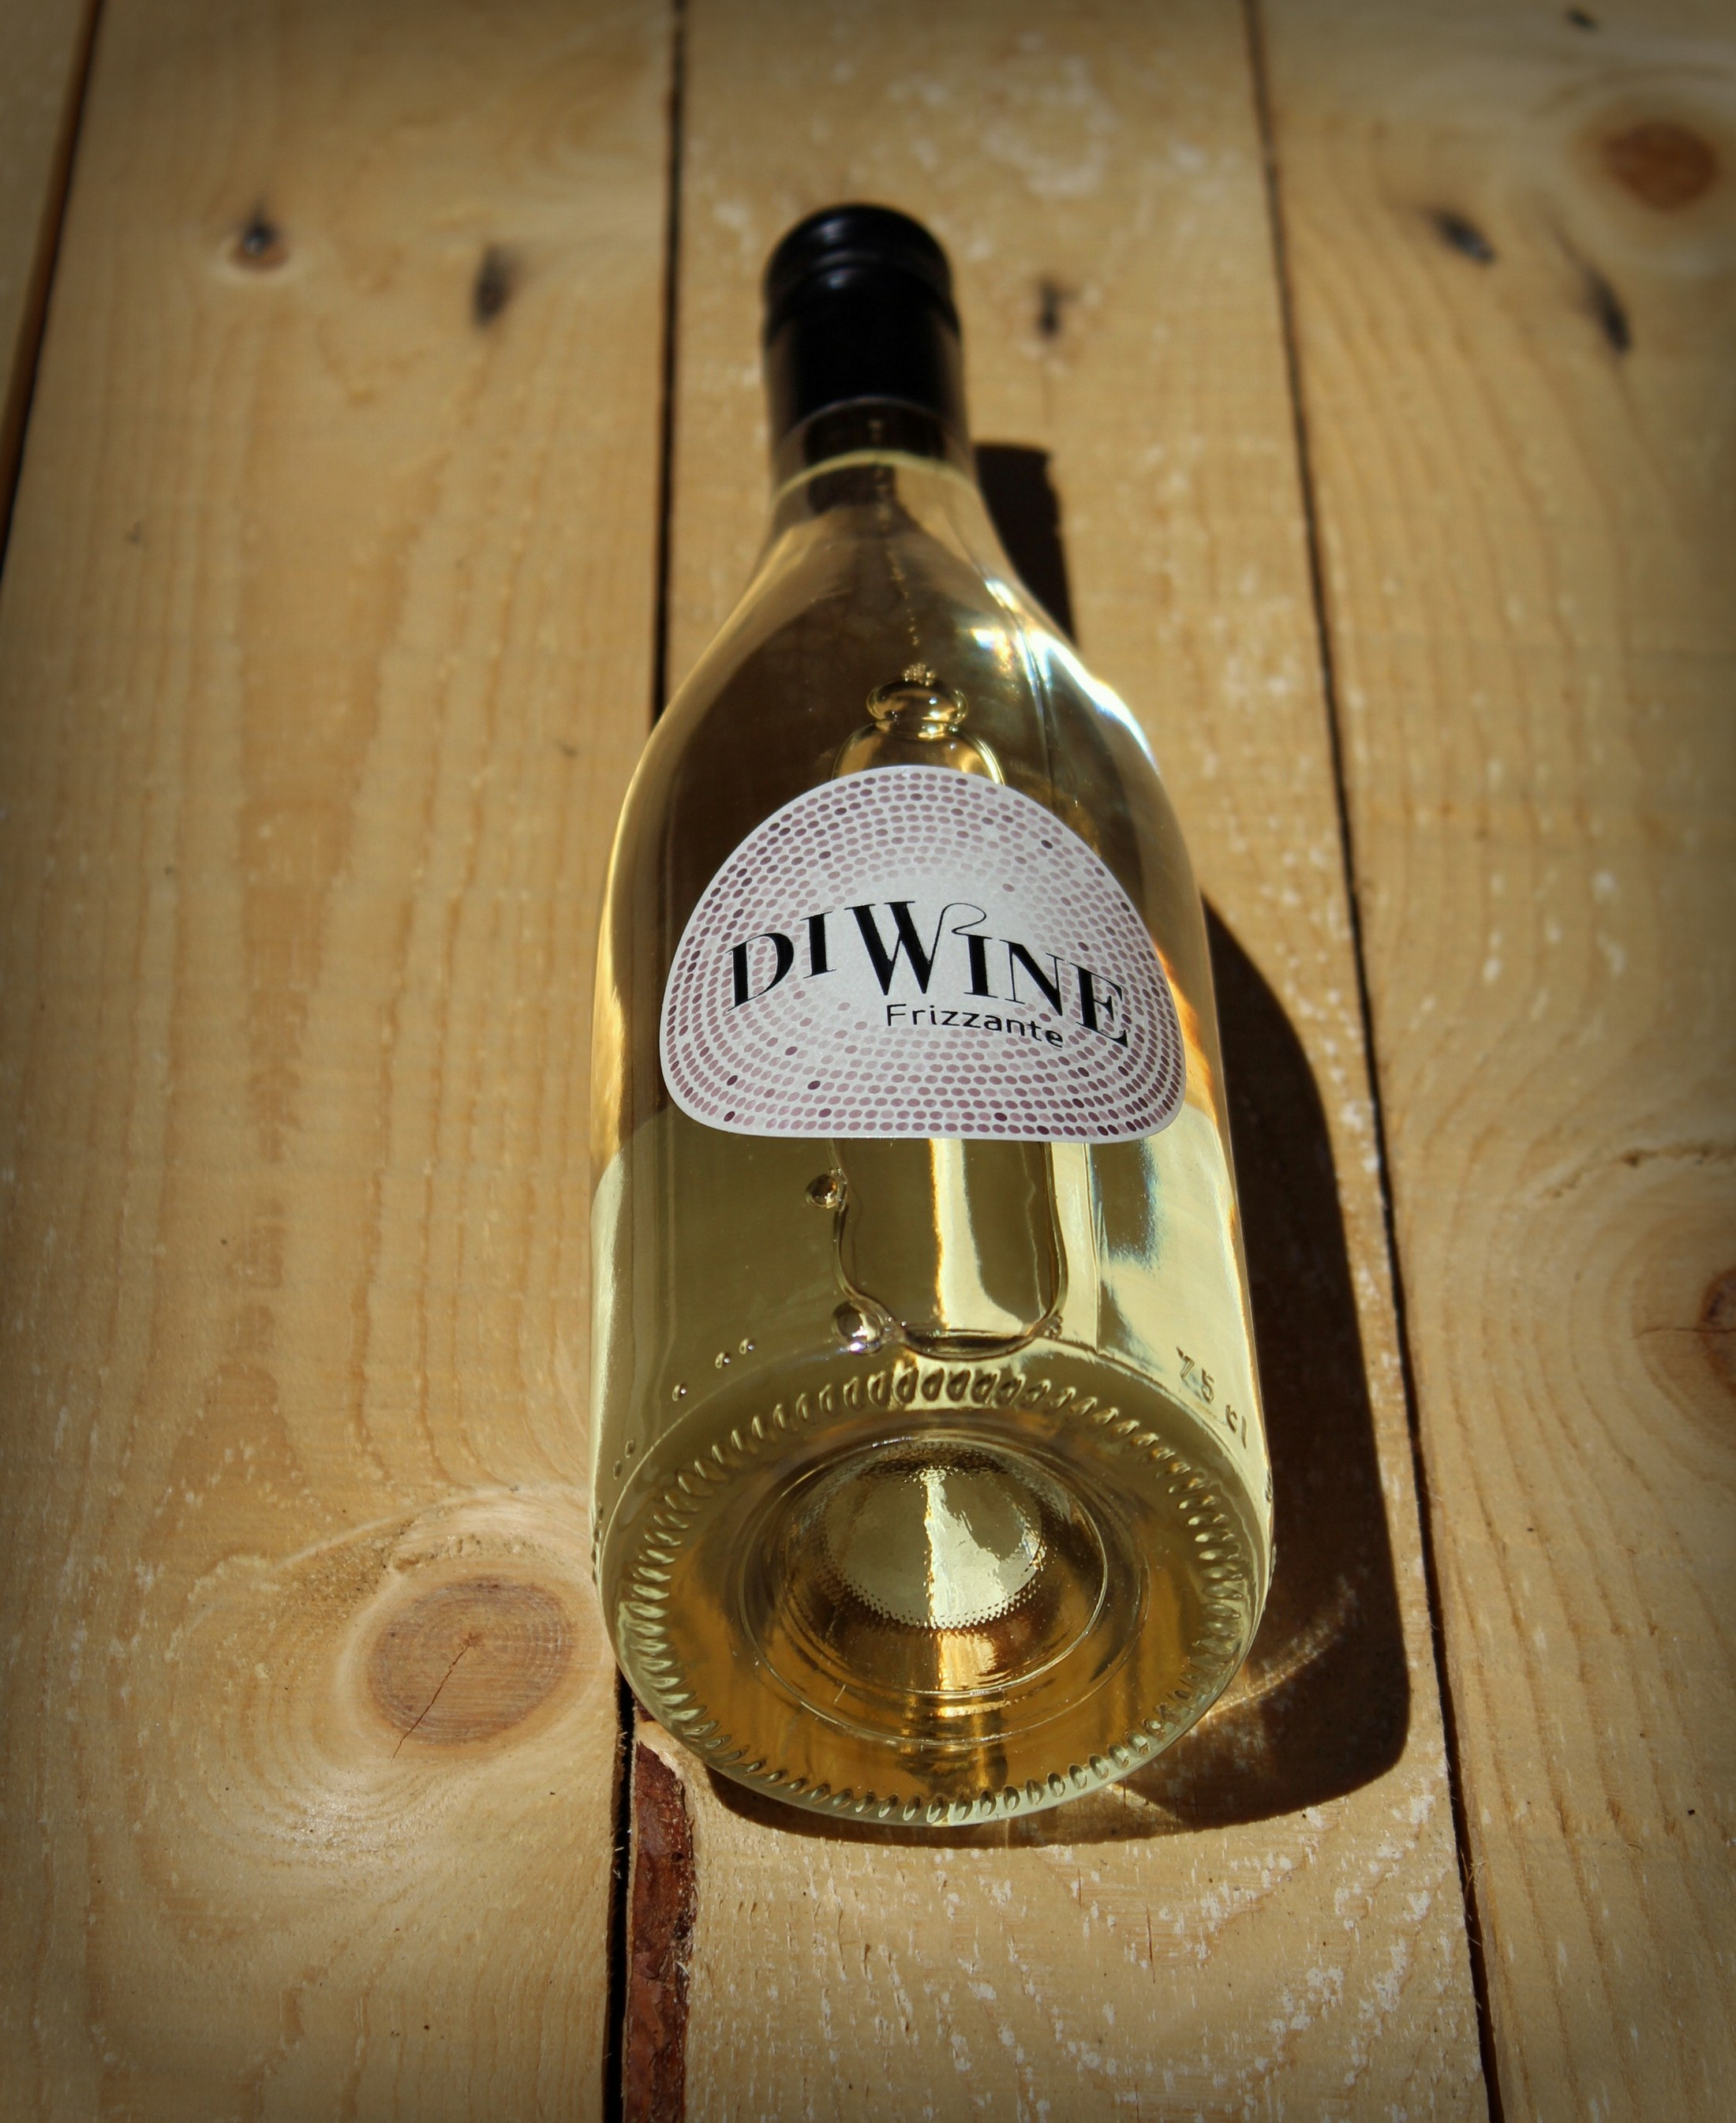 diwine - valdecuevas